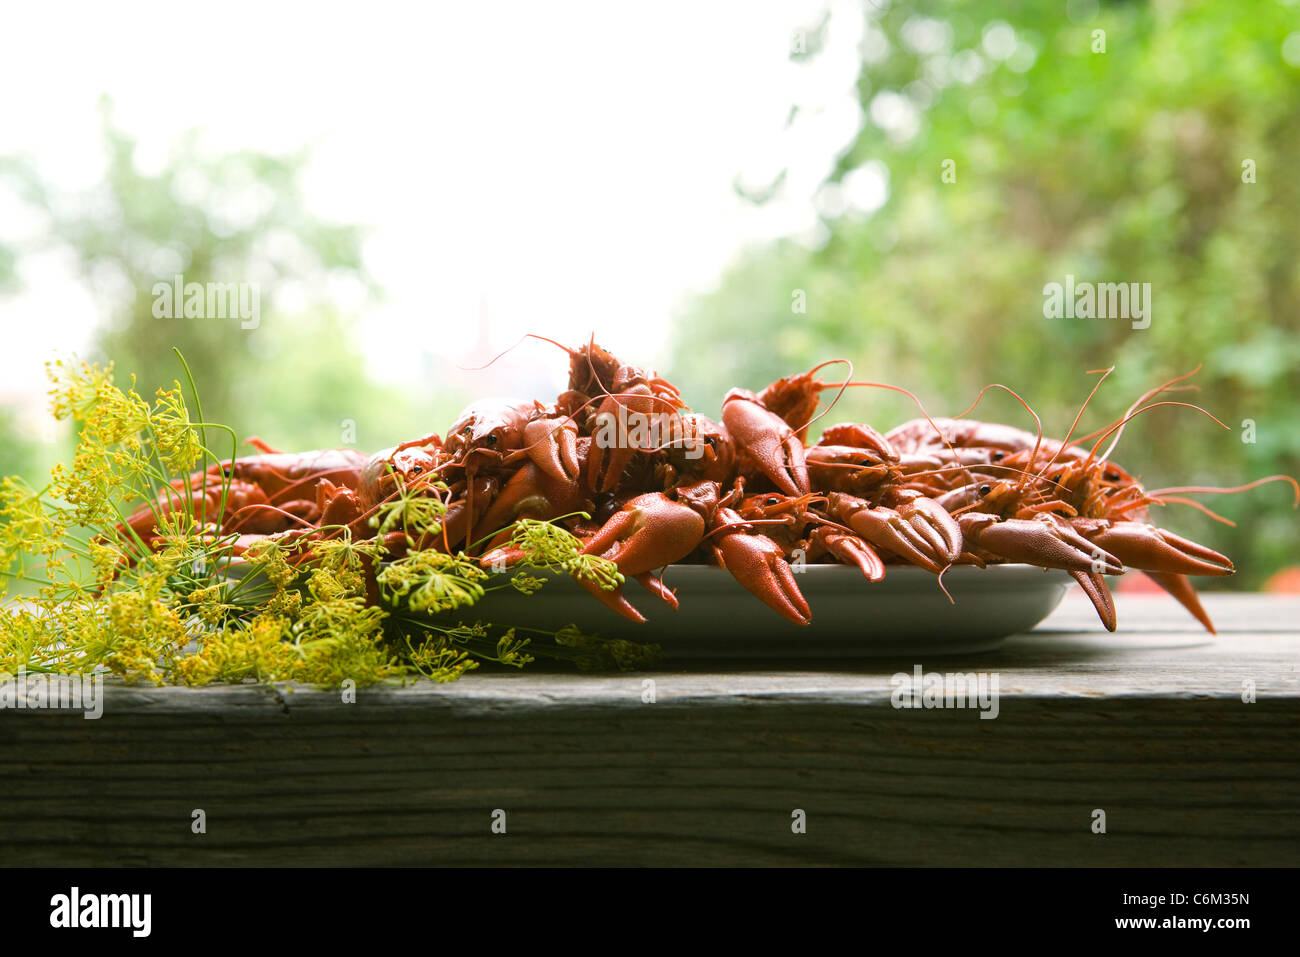 Gekochte Krebse auf Gartentisch Stockbild